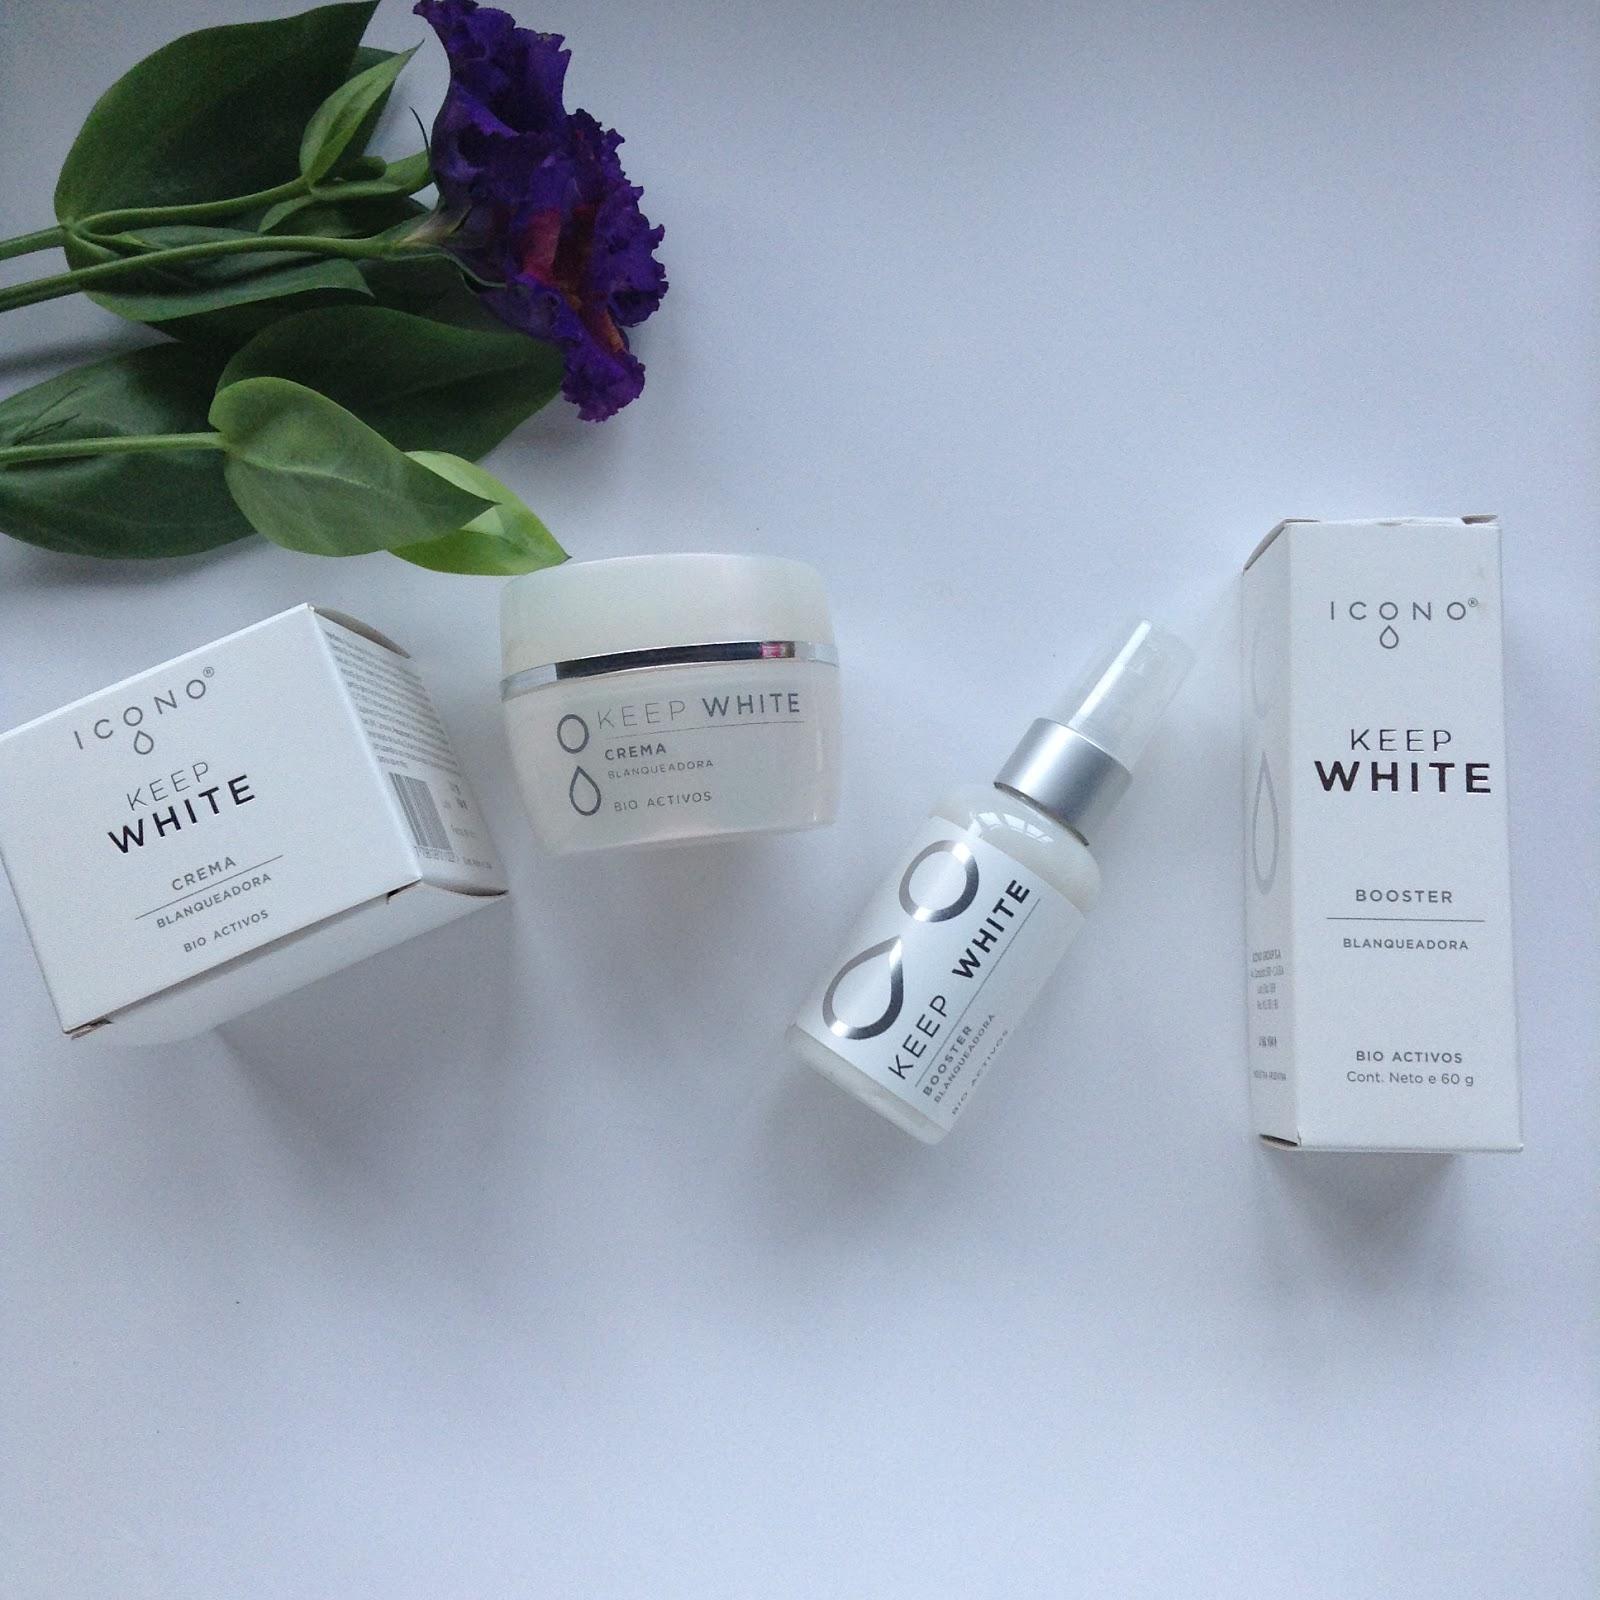 Keep white de Icono, prevención y control para pieles con manchas: Stardoll Estudio: Blog de belleza y moda Argentina